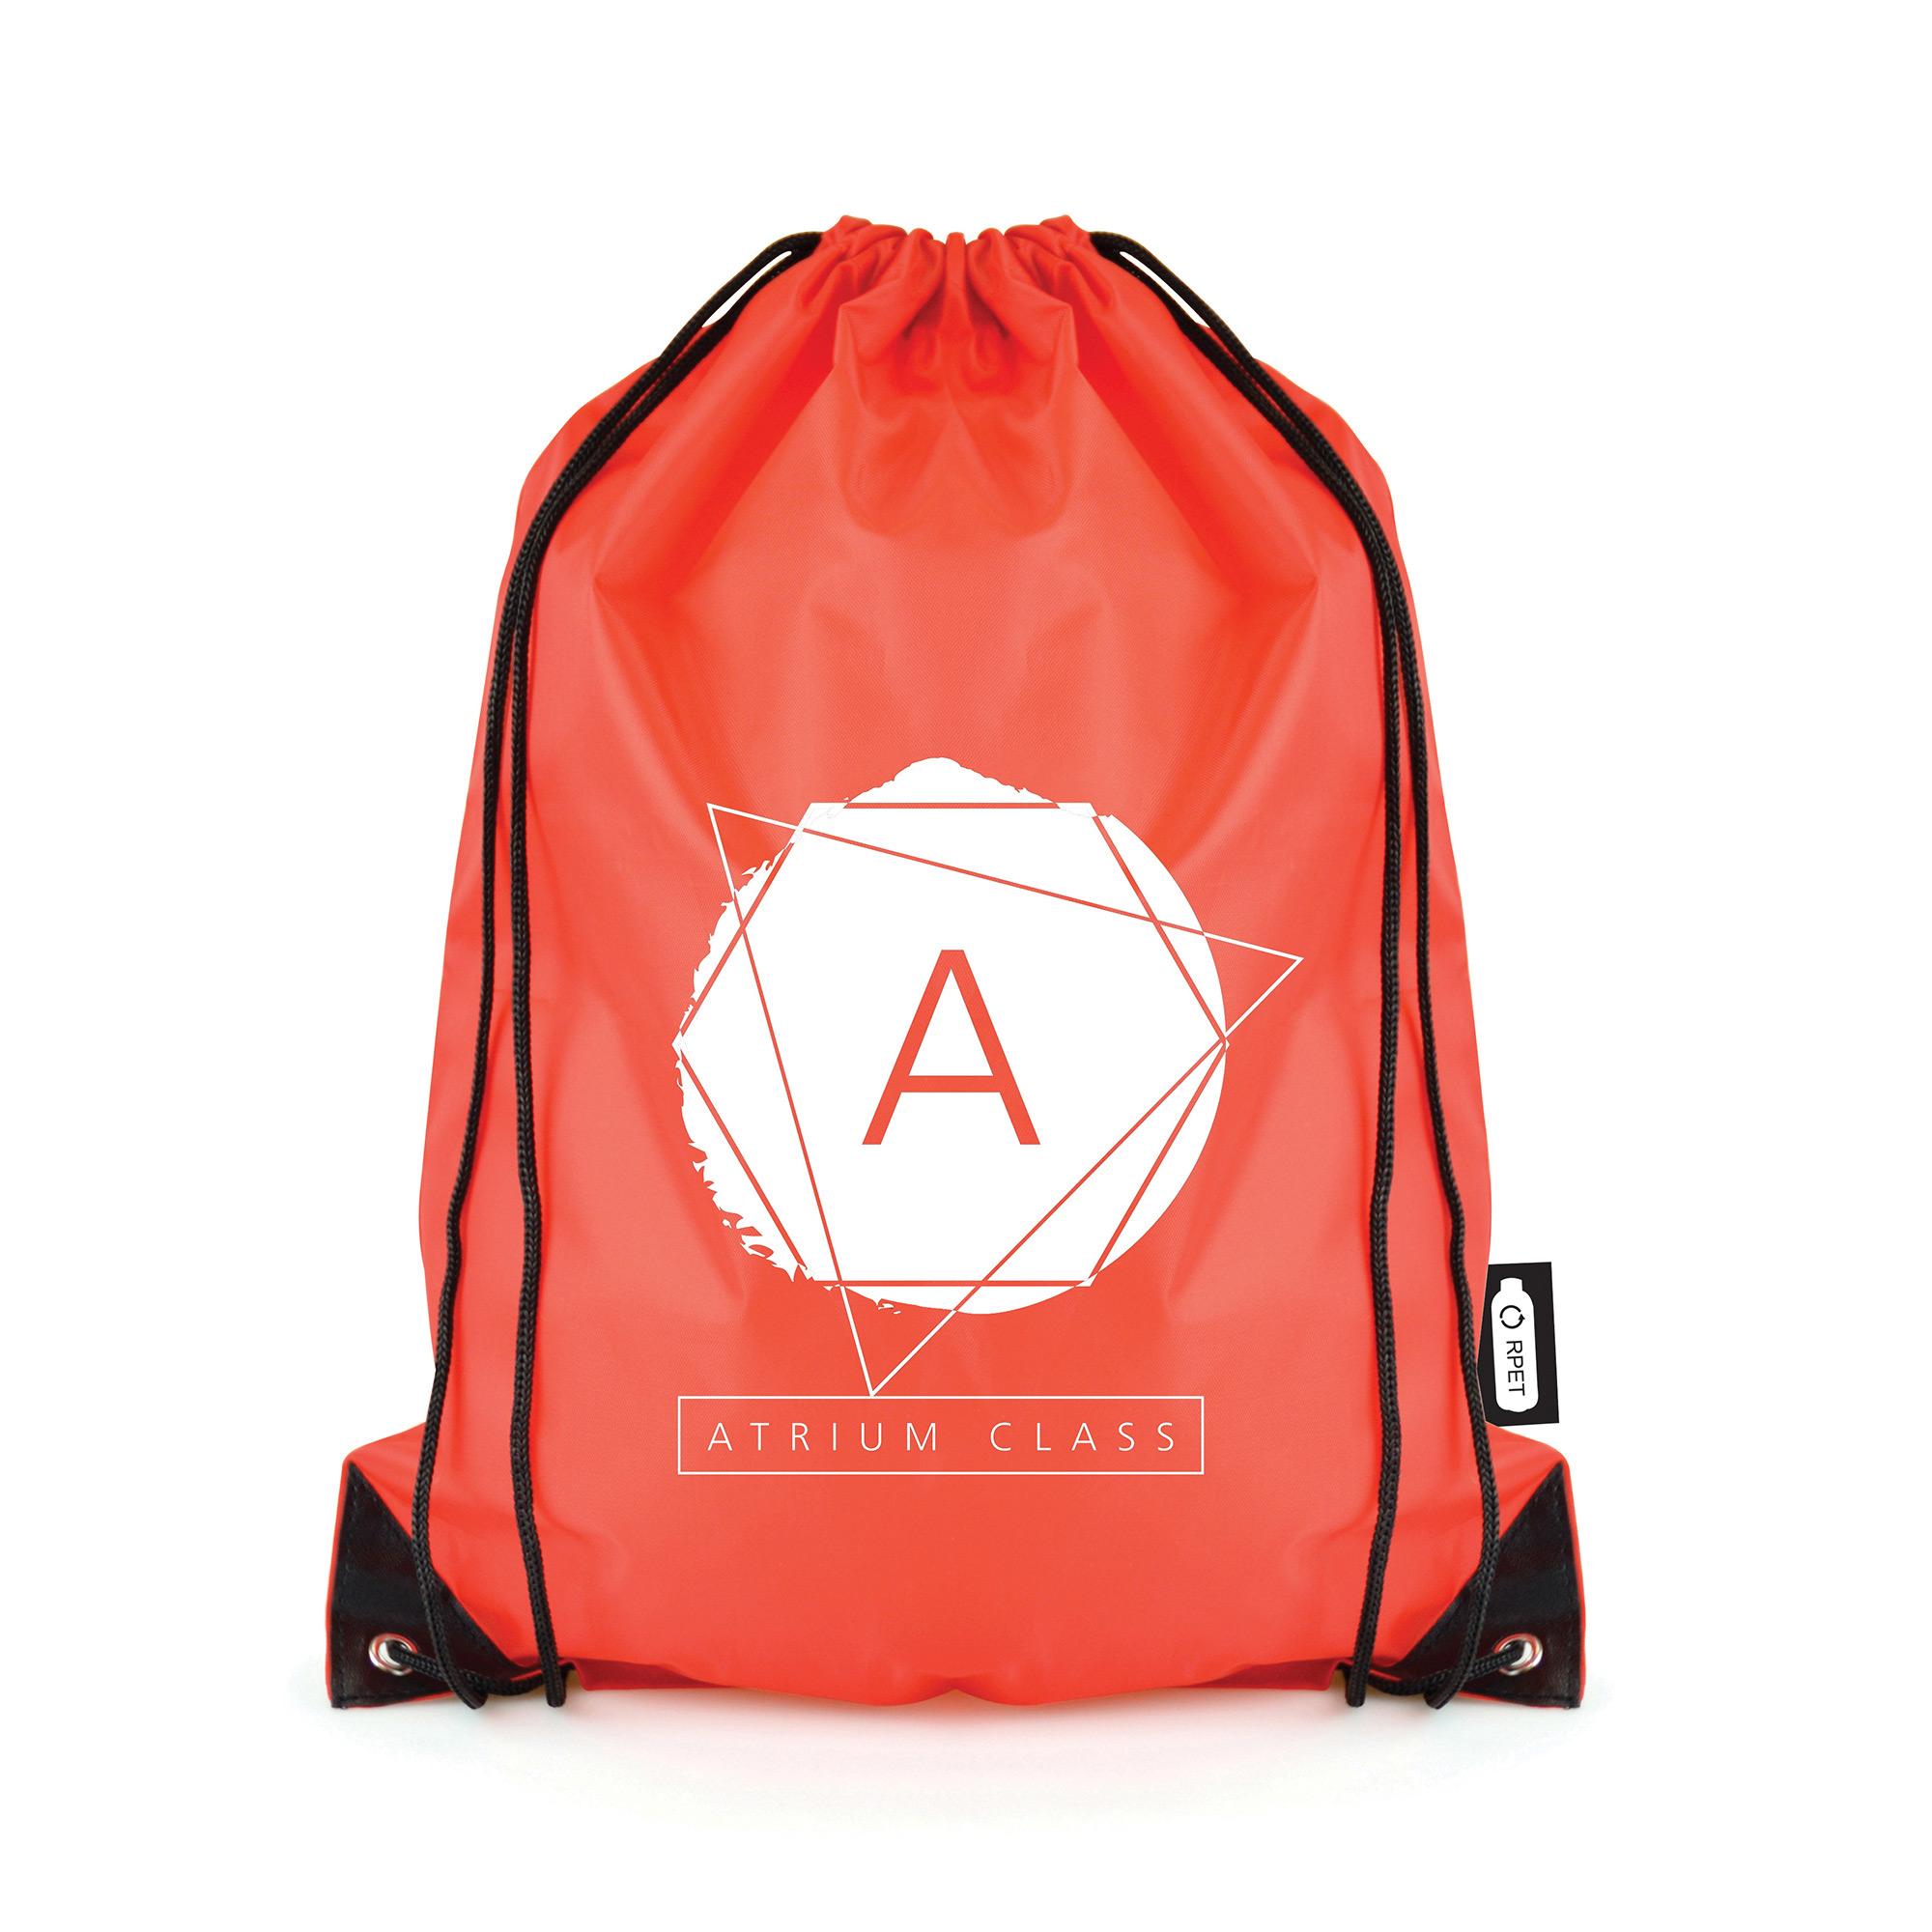 Rpet Drawstring Bag